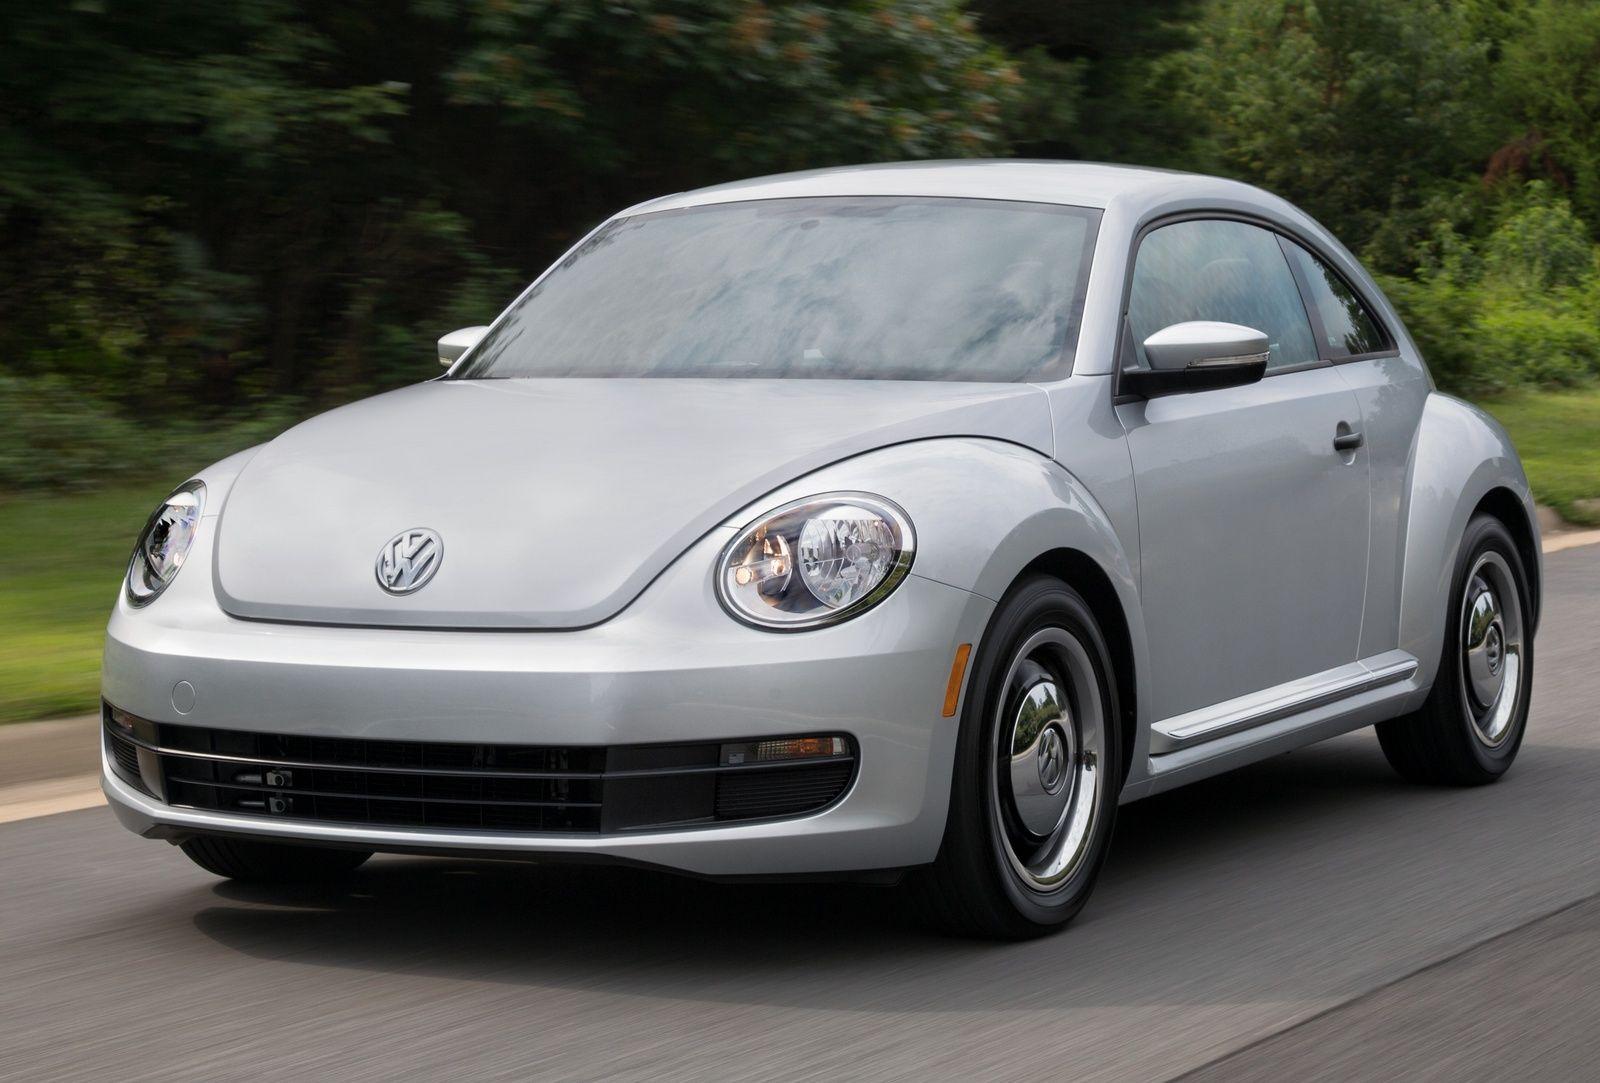 2015 Volkswagen Beetle Review CarGurus VW's